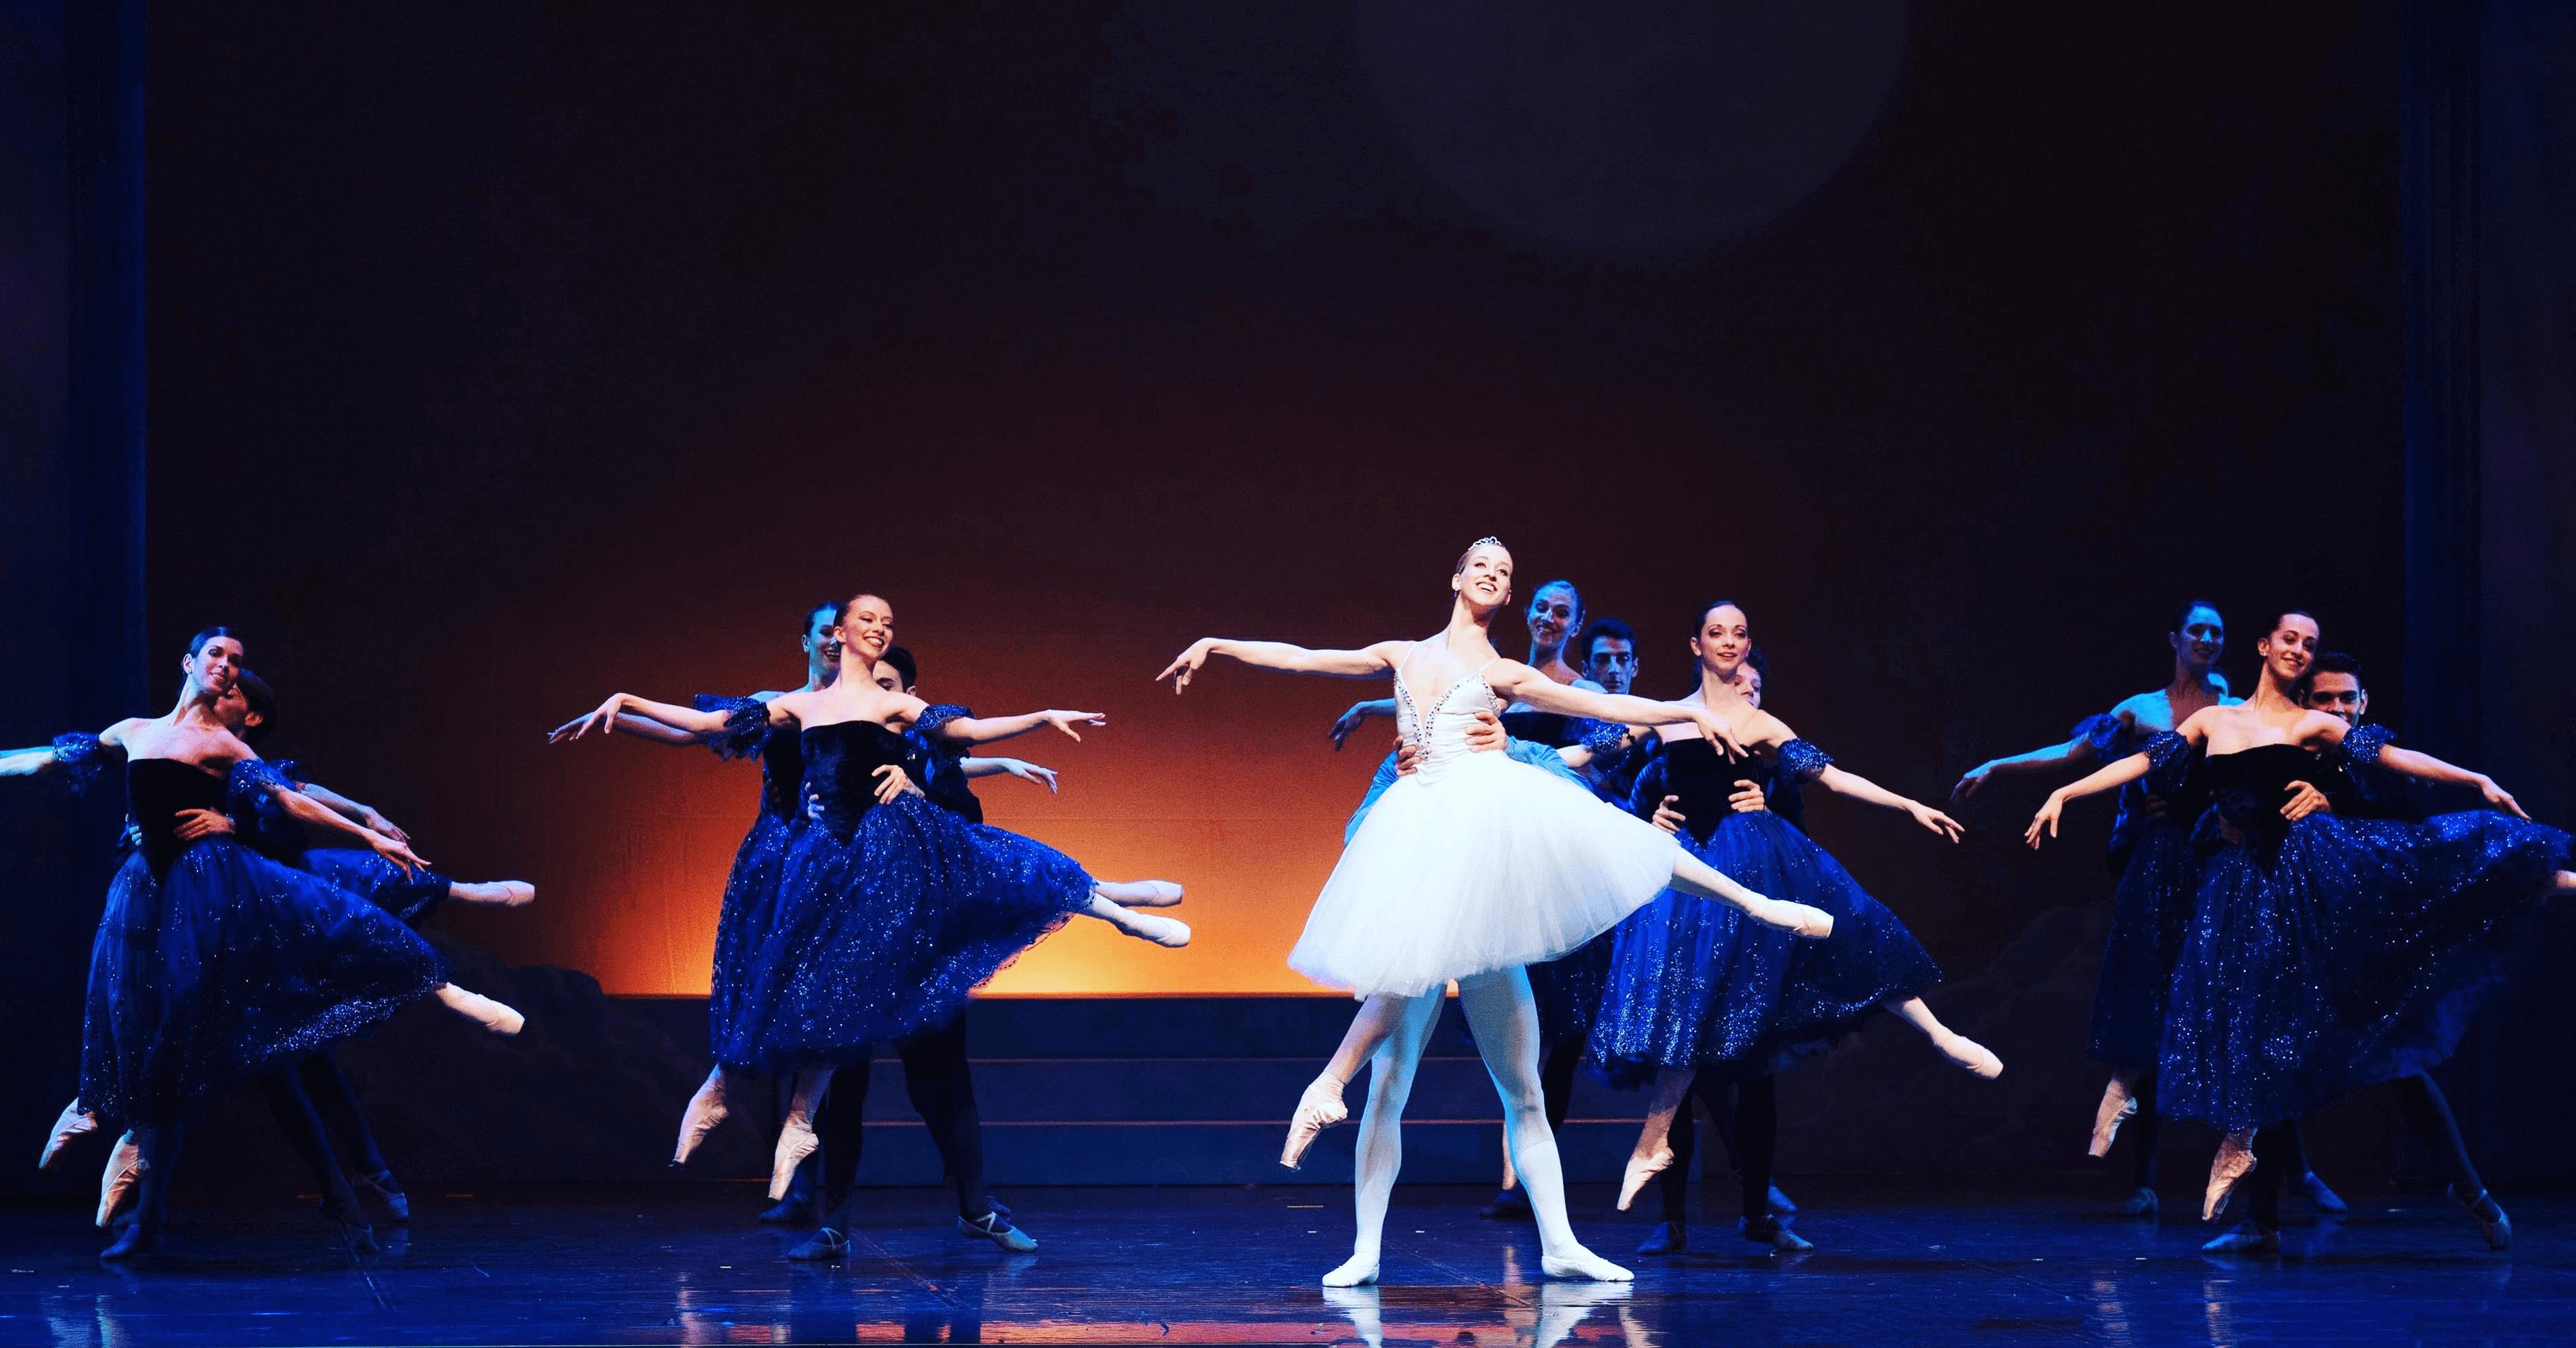 ROMA CITY BALLET COMPANY – Audizione per danzatori e danzatrici